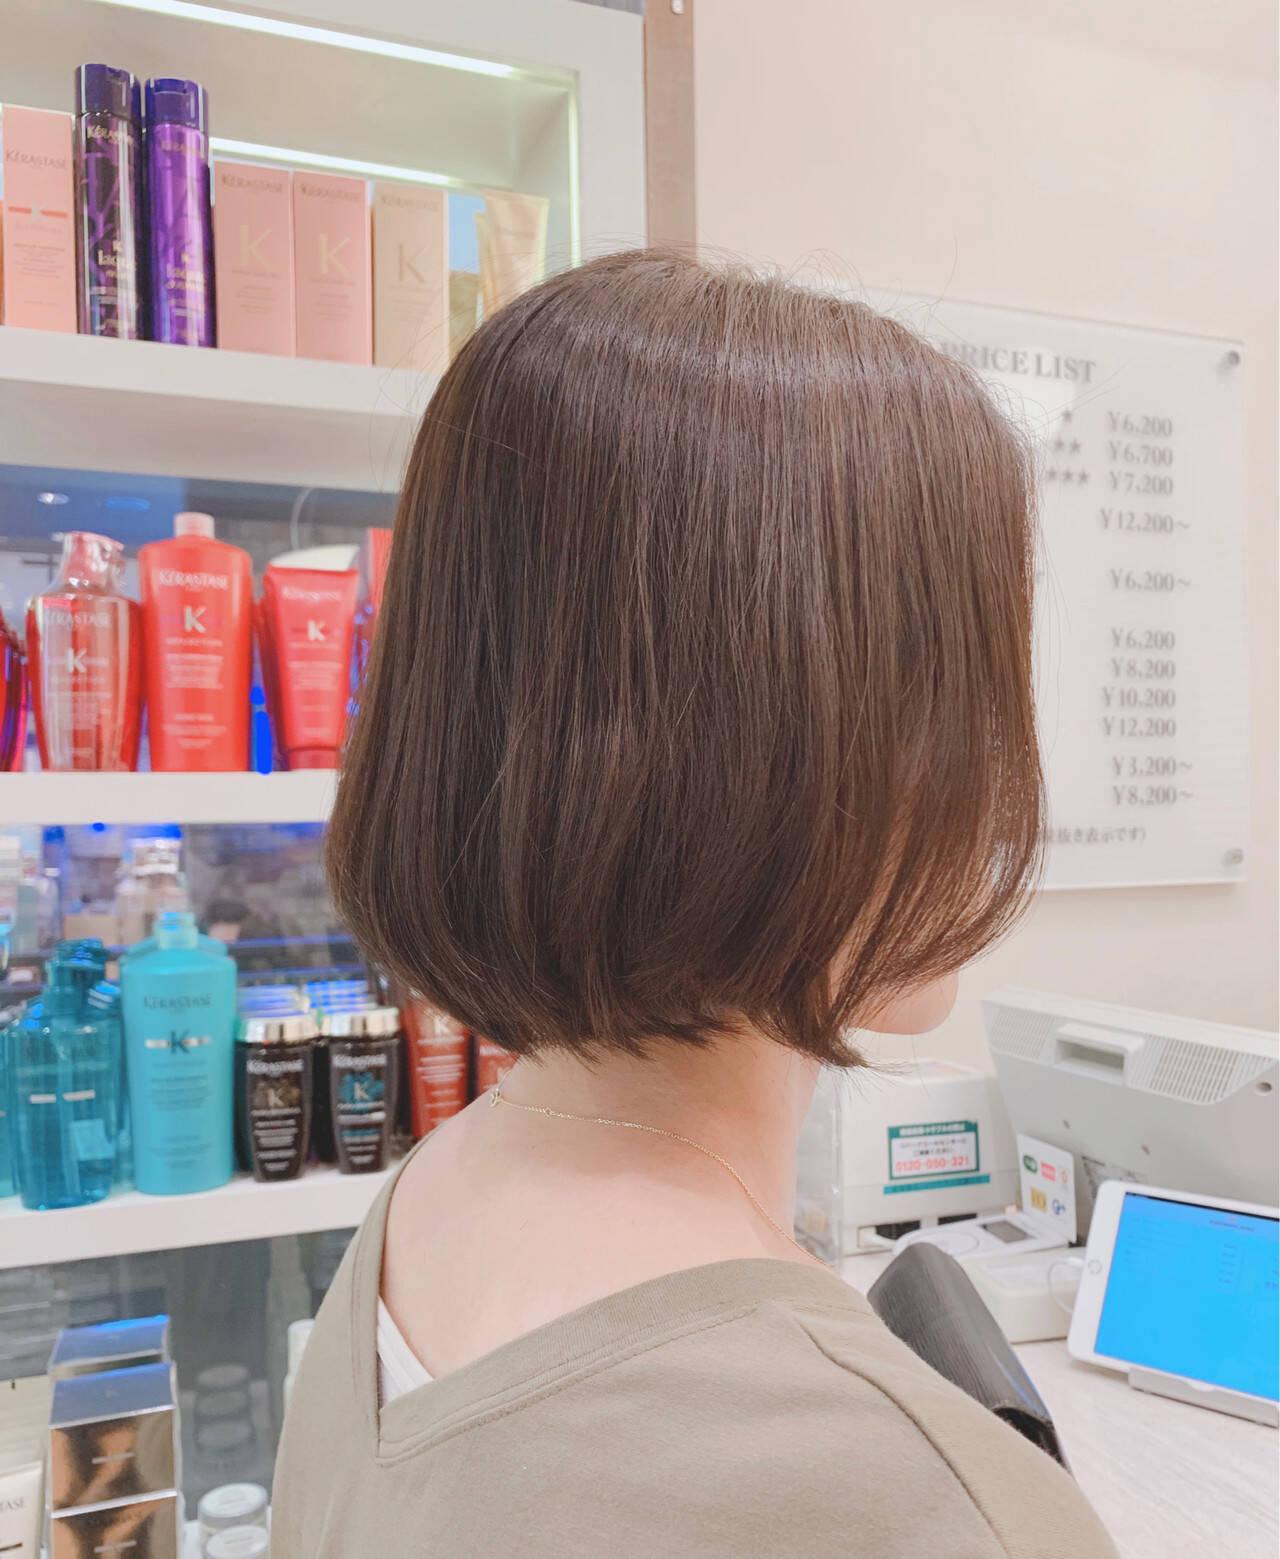 ボブ 切りっぱなしボブ ボブヘアー ナチュラルヘアスタイルや髪型の写真・画像